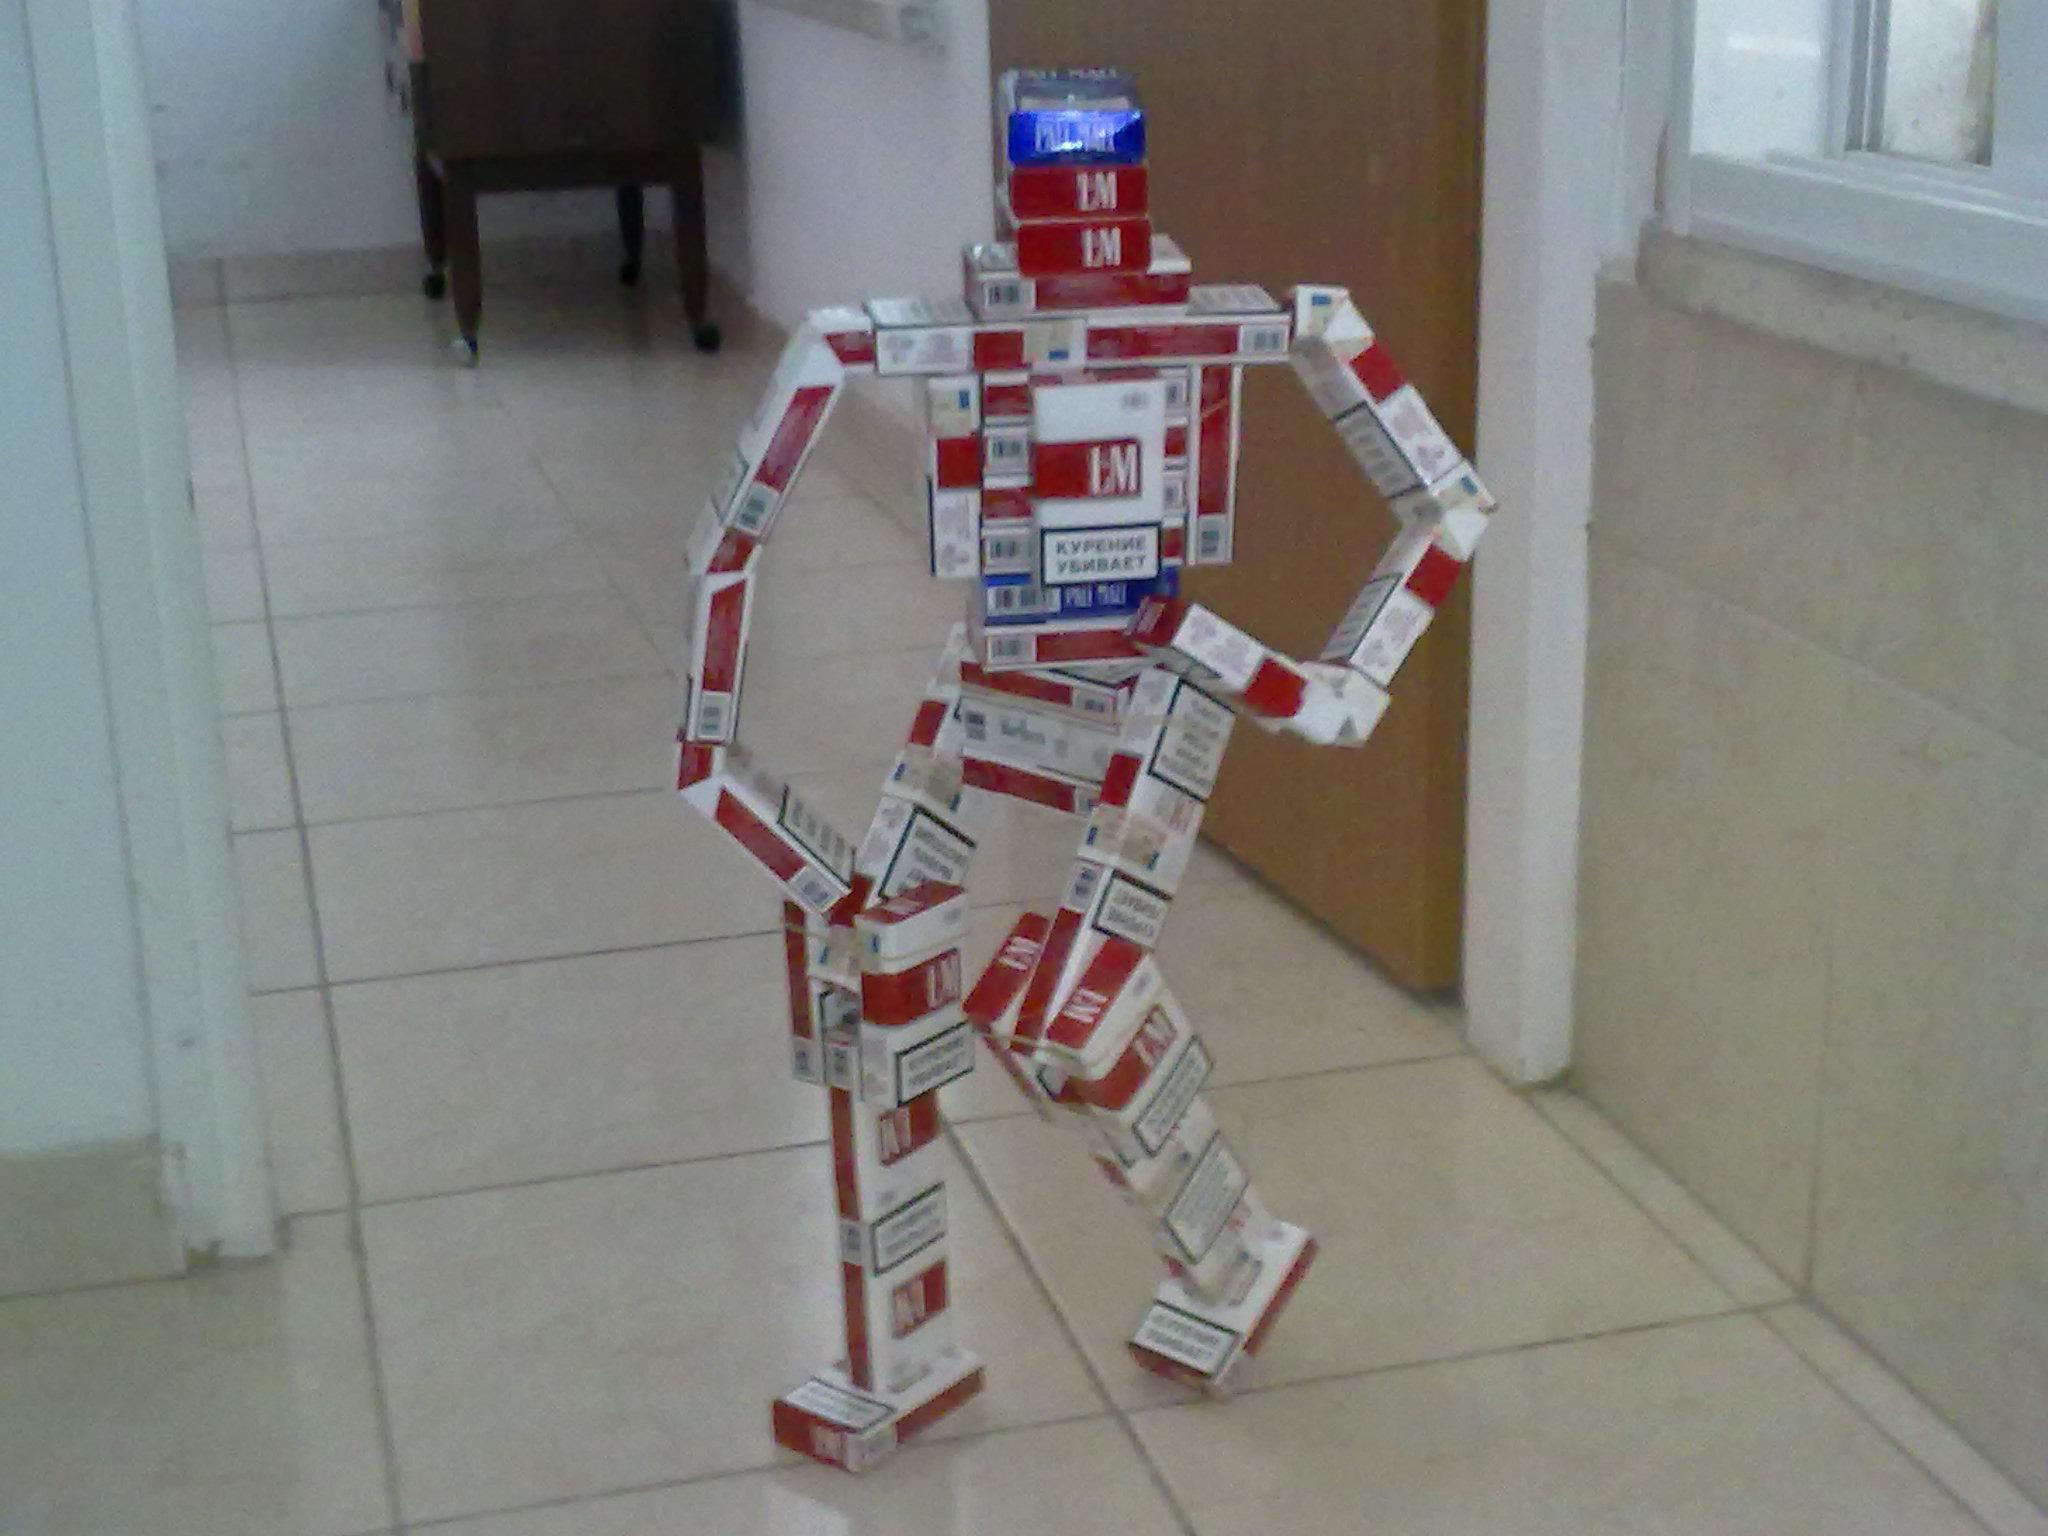 Робот схема из пачек сигарет